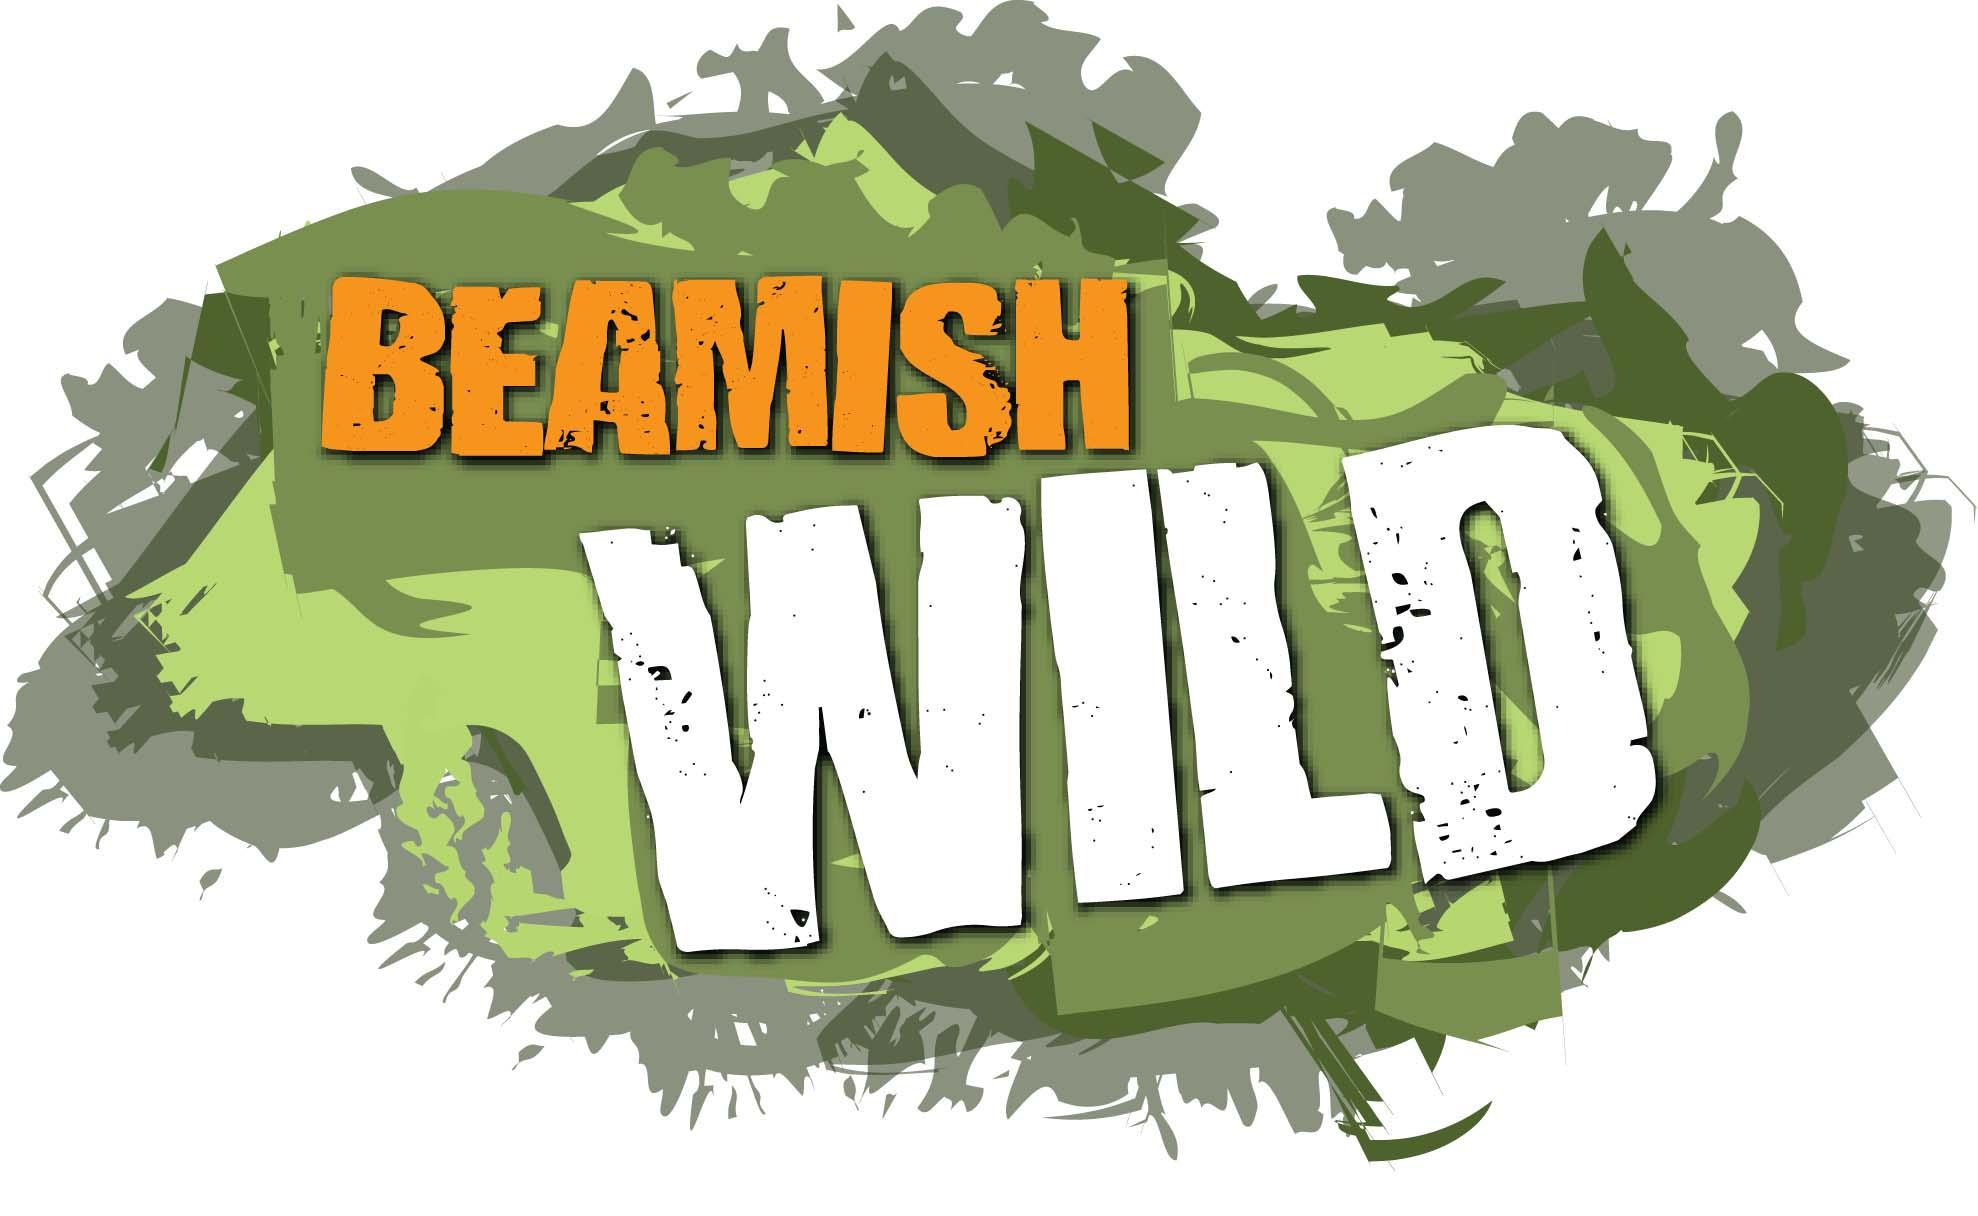 New Attraction: Fantastic Savings at Beamish Wild header image